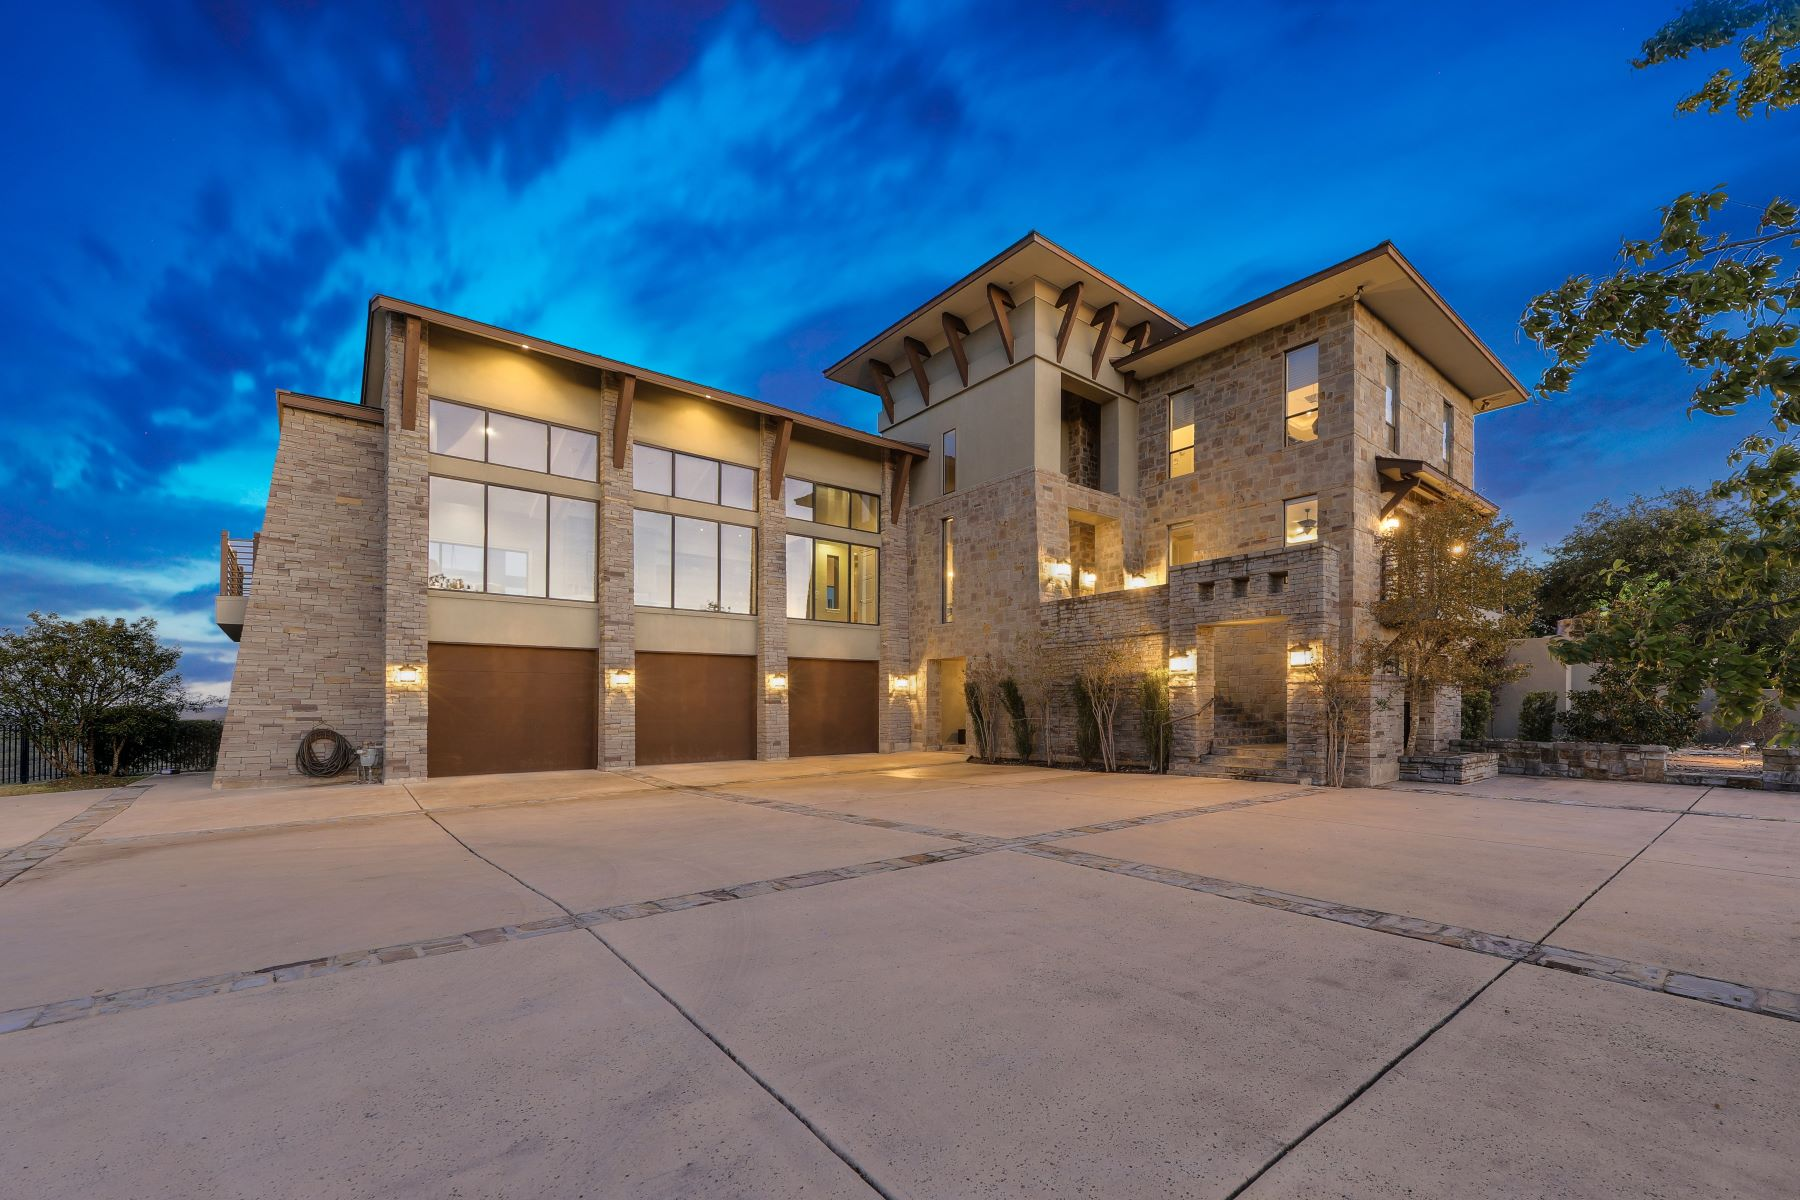 Single Family Homes für Verkauf beim Transitional Dominion Masterpiece 42 Vineyard Drive, San Antonio, Texas 78257 Vereinigte Staaten